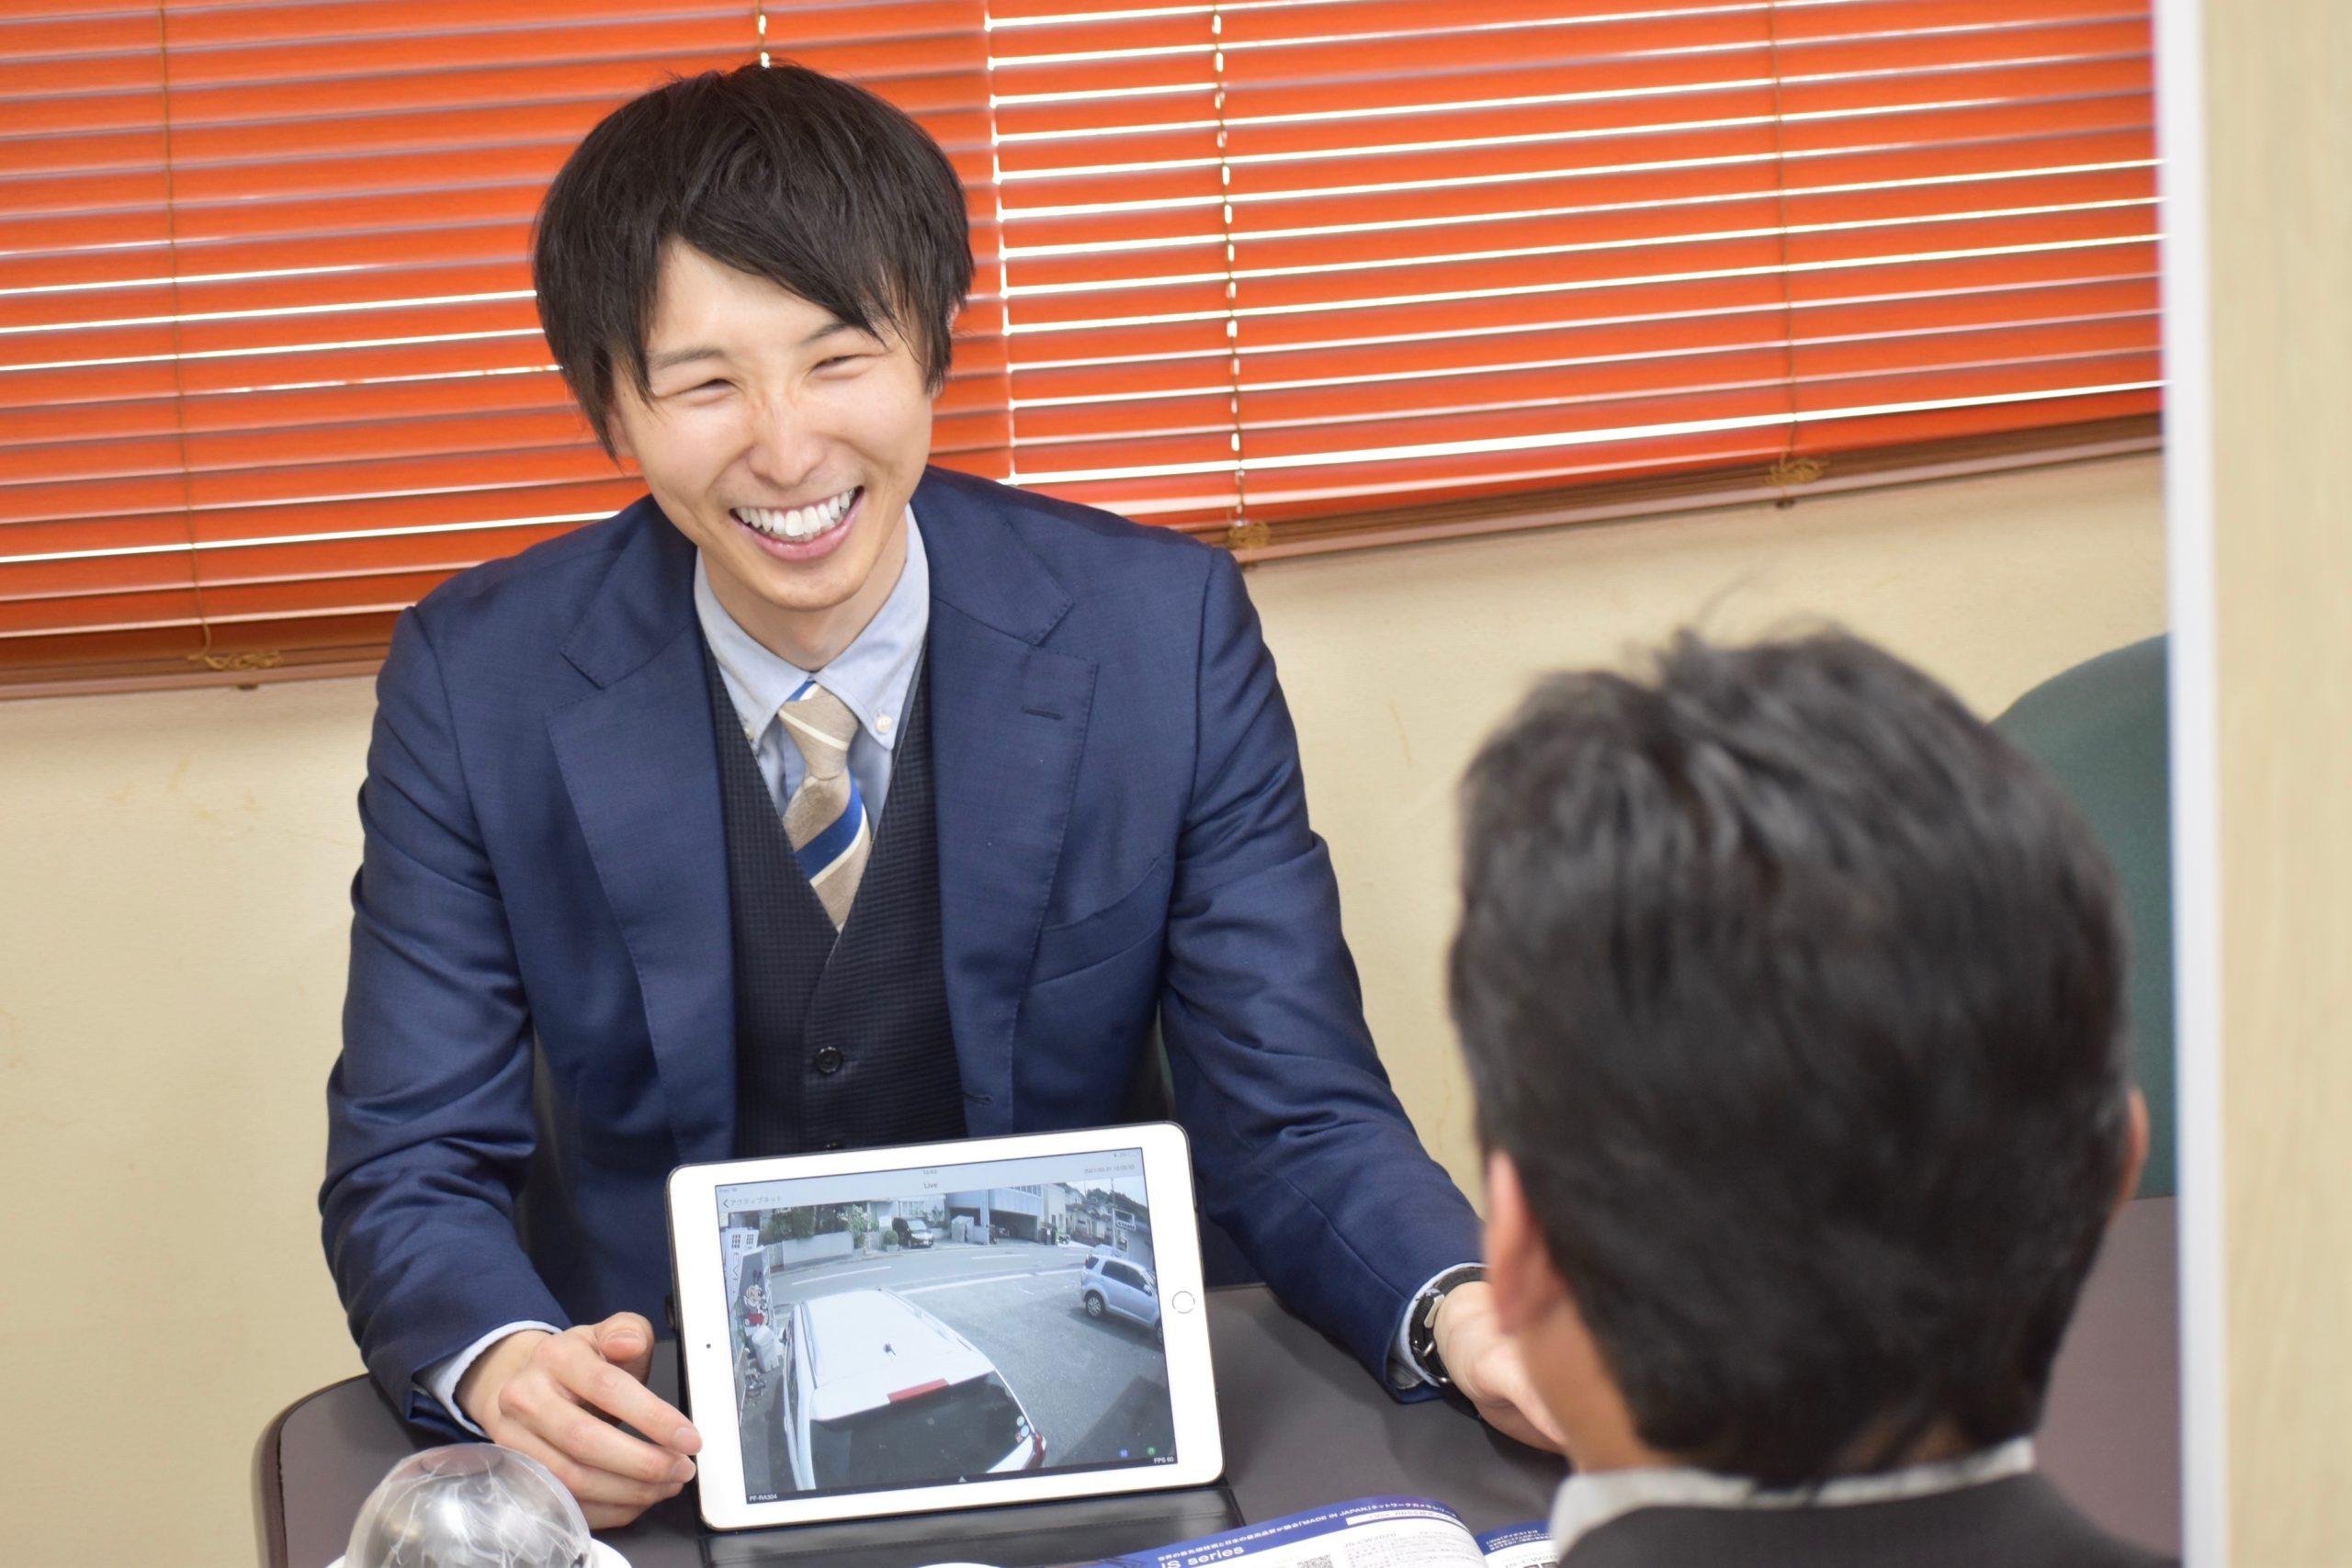 日本防犯の防犯カメラ